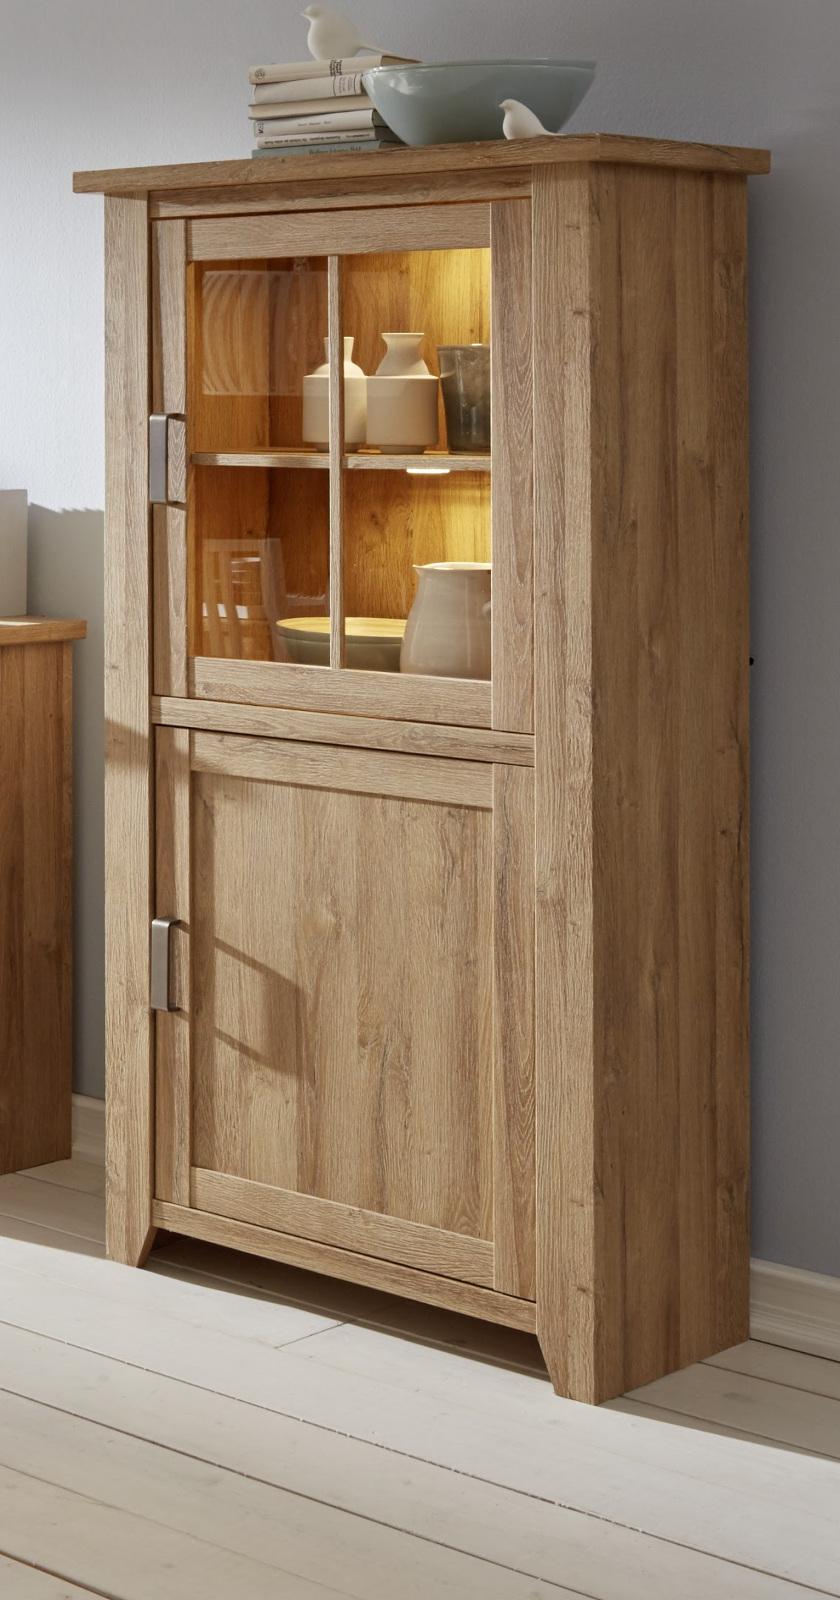 vitrinenschrank vitrine eiche alteiche wohnzimmer esszimmer schrank m bel canyon ebay. Black Bedroom Furniture Sets. Home Design Ideas